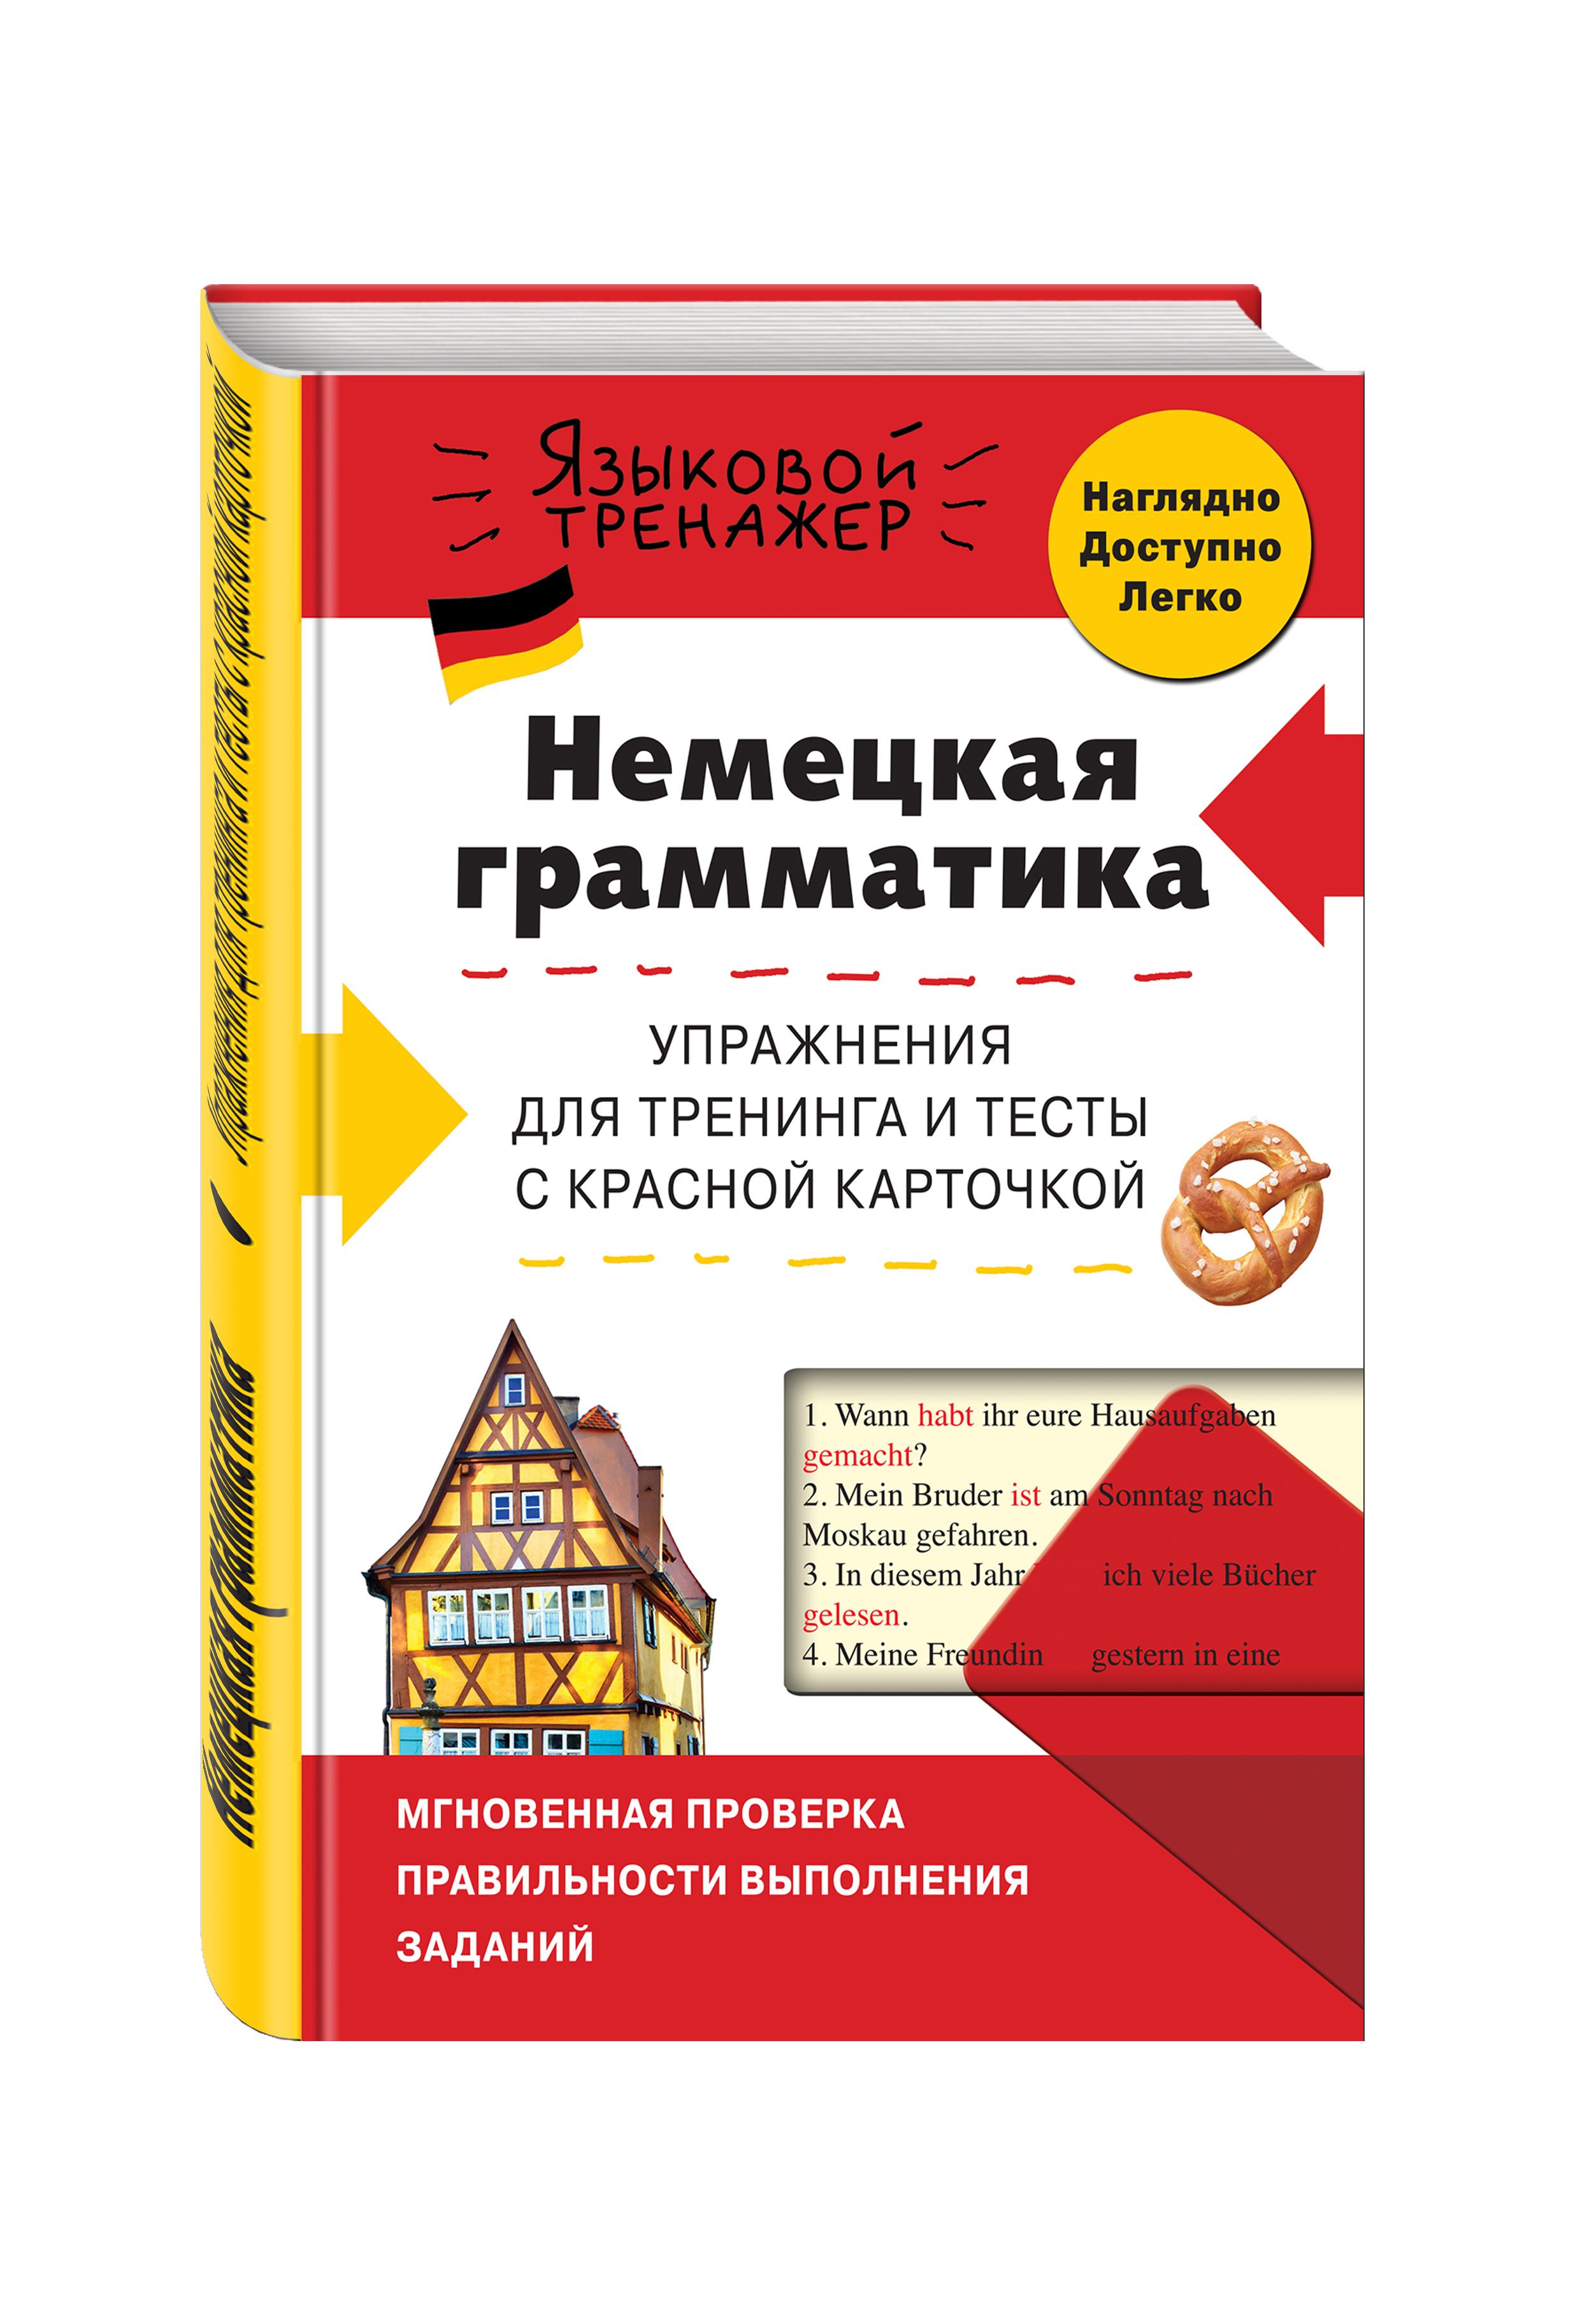 Красникова И.В., Жерлицына Ю.В. Немецкая грамматика. Упражнения для тренинга и тесты с красной карточкой